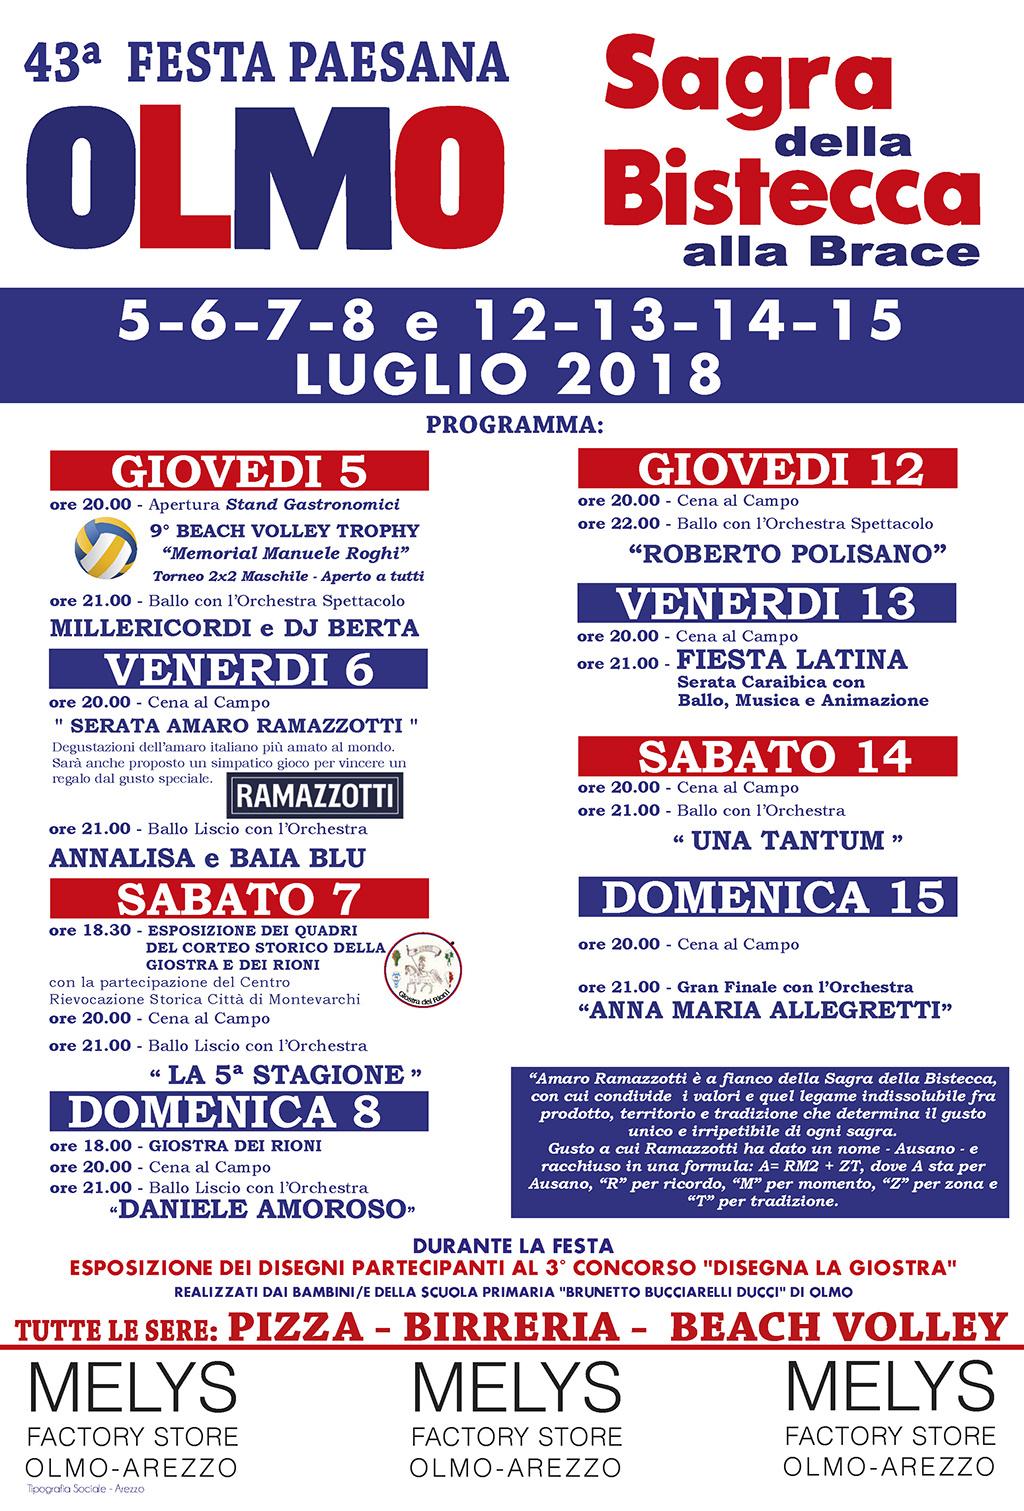 Sagra della Bistecca Olmo - Arezzo Locand10